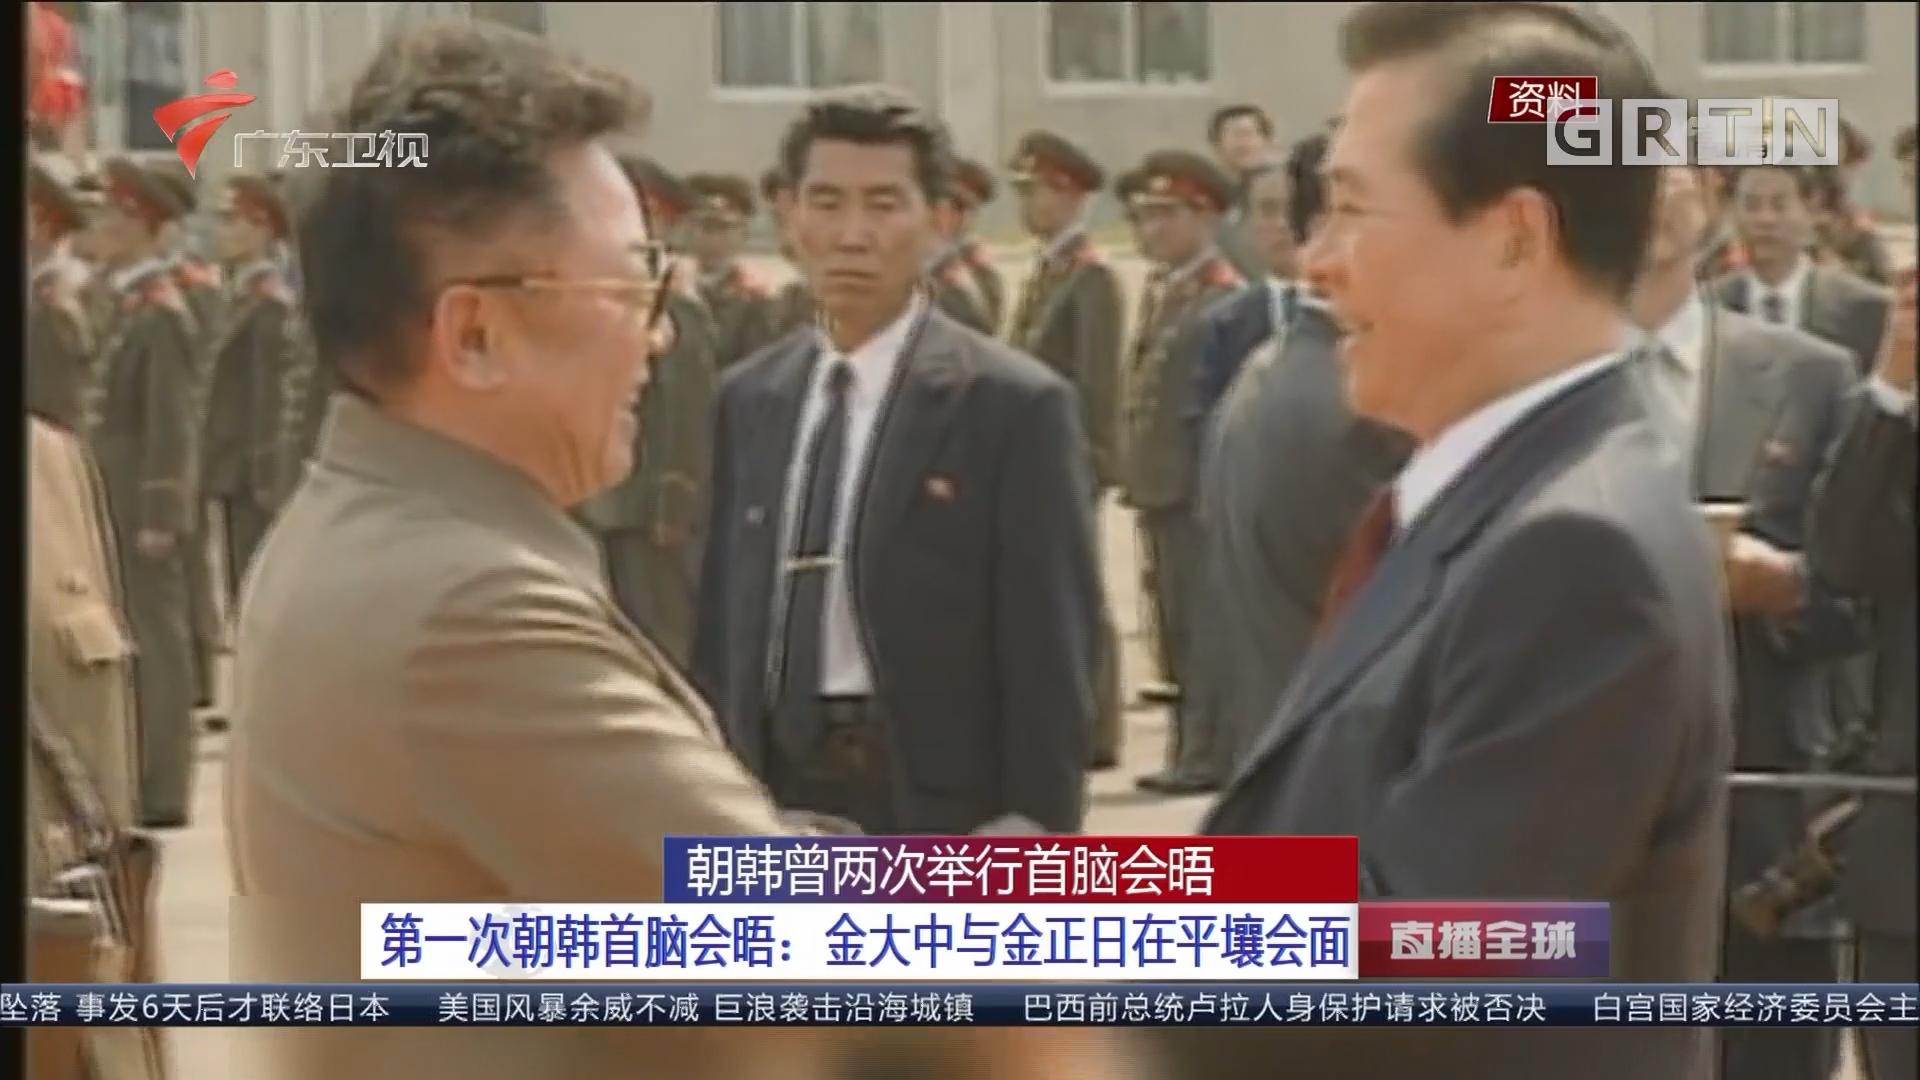 朝韩曾两次举行首脑会晤 第一次朝韩首脑会晤:金大中与金正日在平壤会面